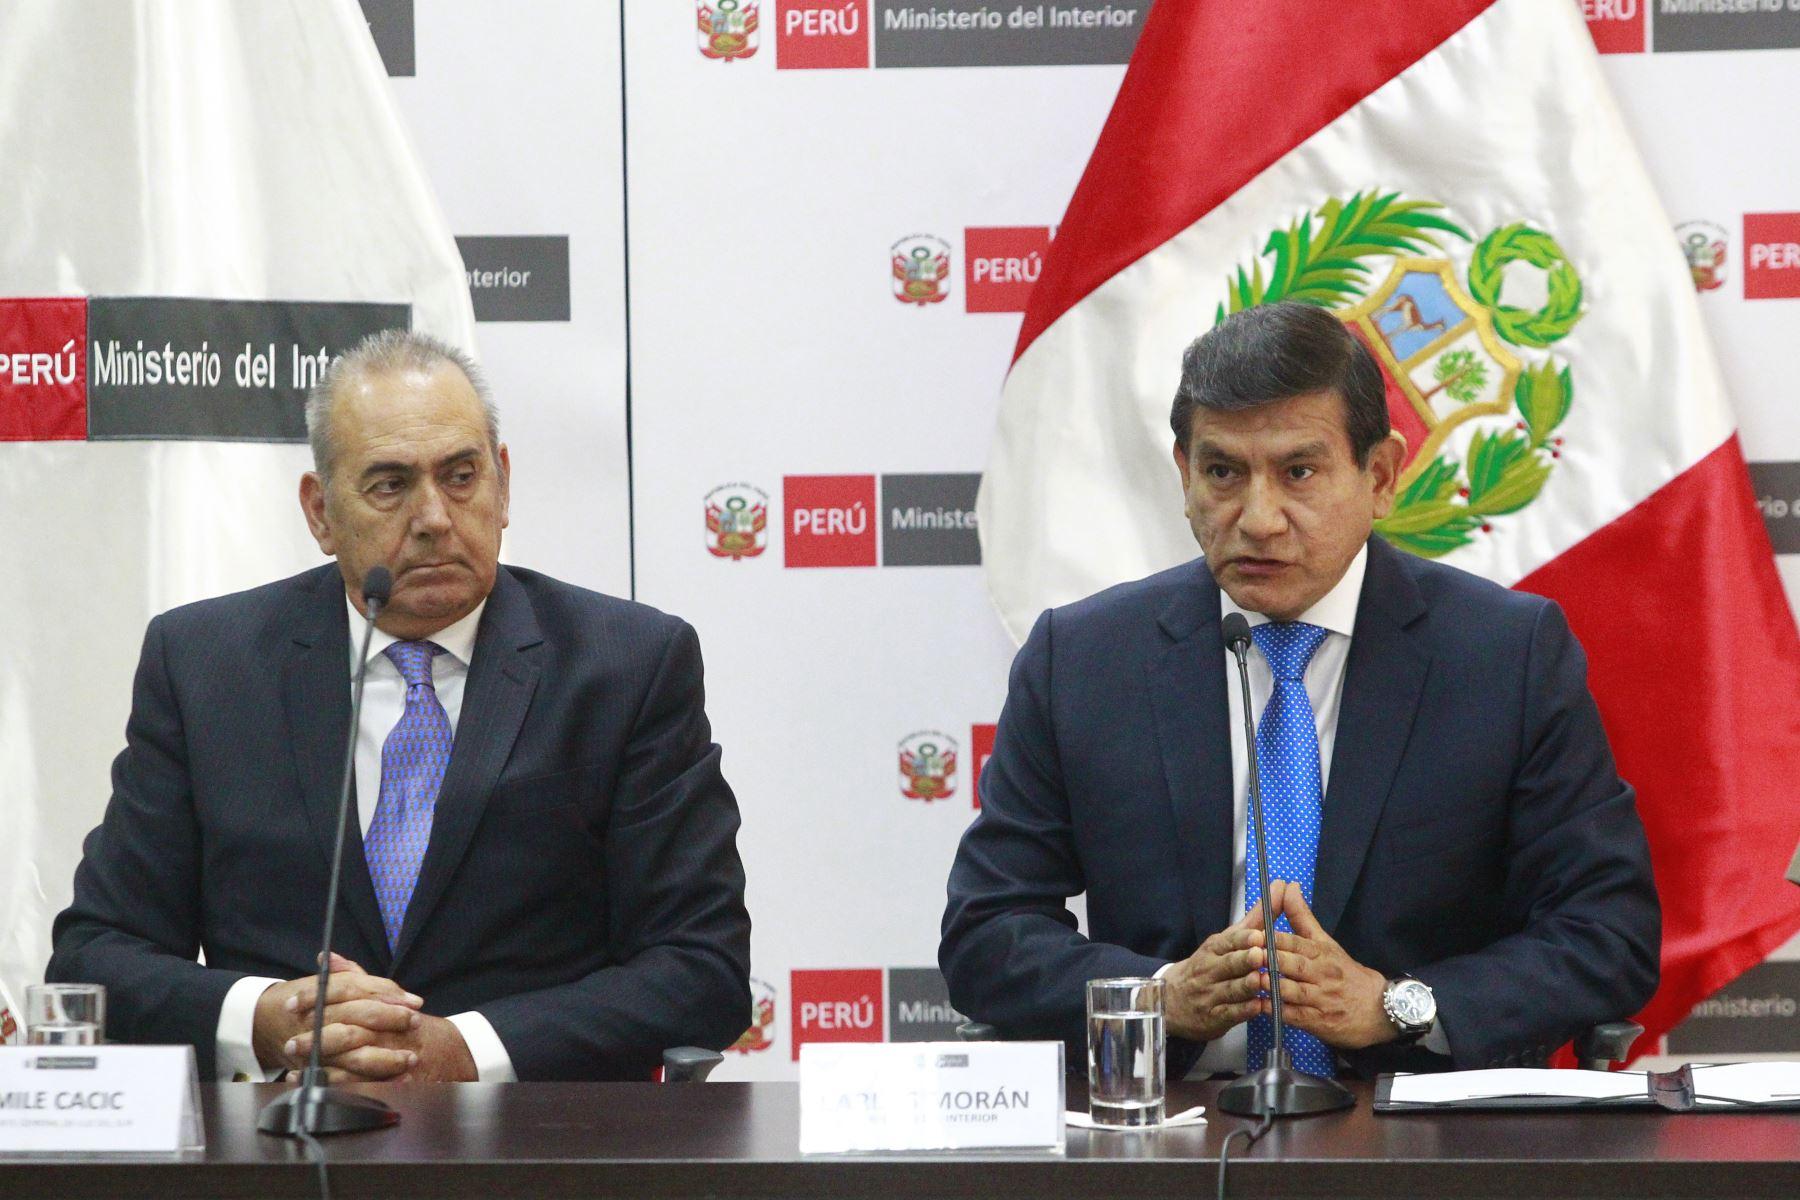 Ministro del Interior, Carlos Moran y Máximo Ramírez, Gerente General de Luz del Sur firman convenio en favor de la policía nacional.  Foto: ANDINA/Eddy Ramos